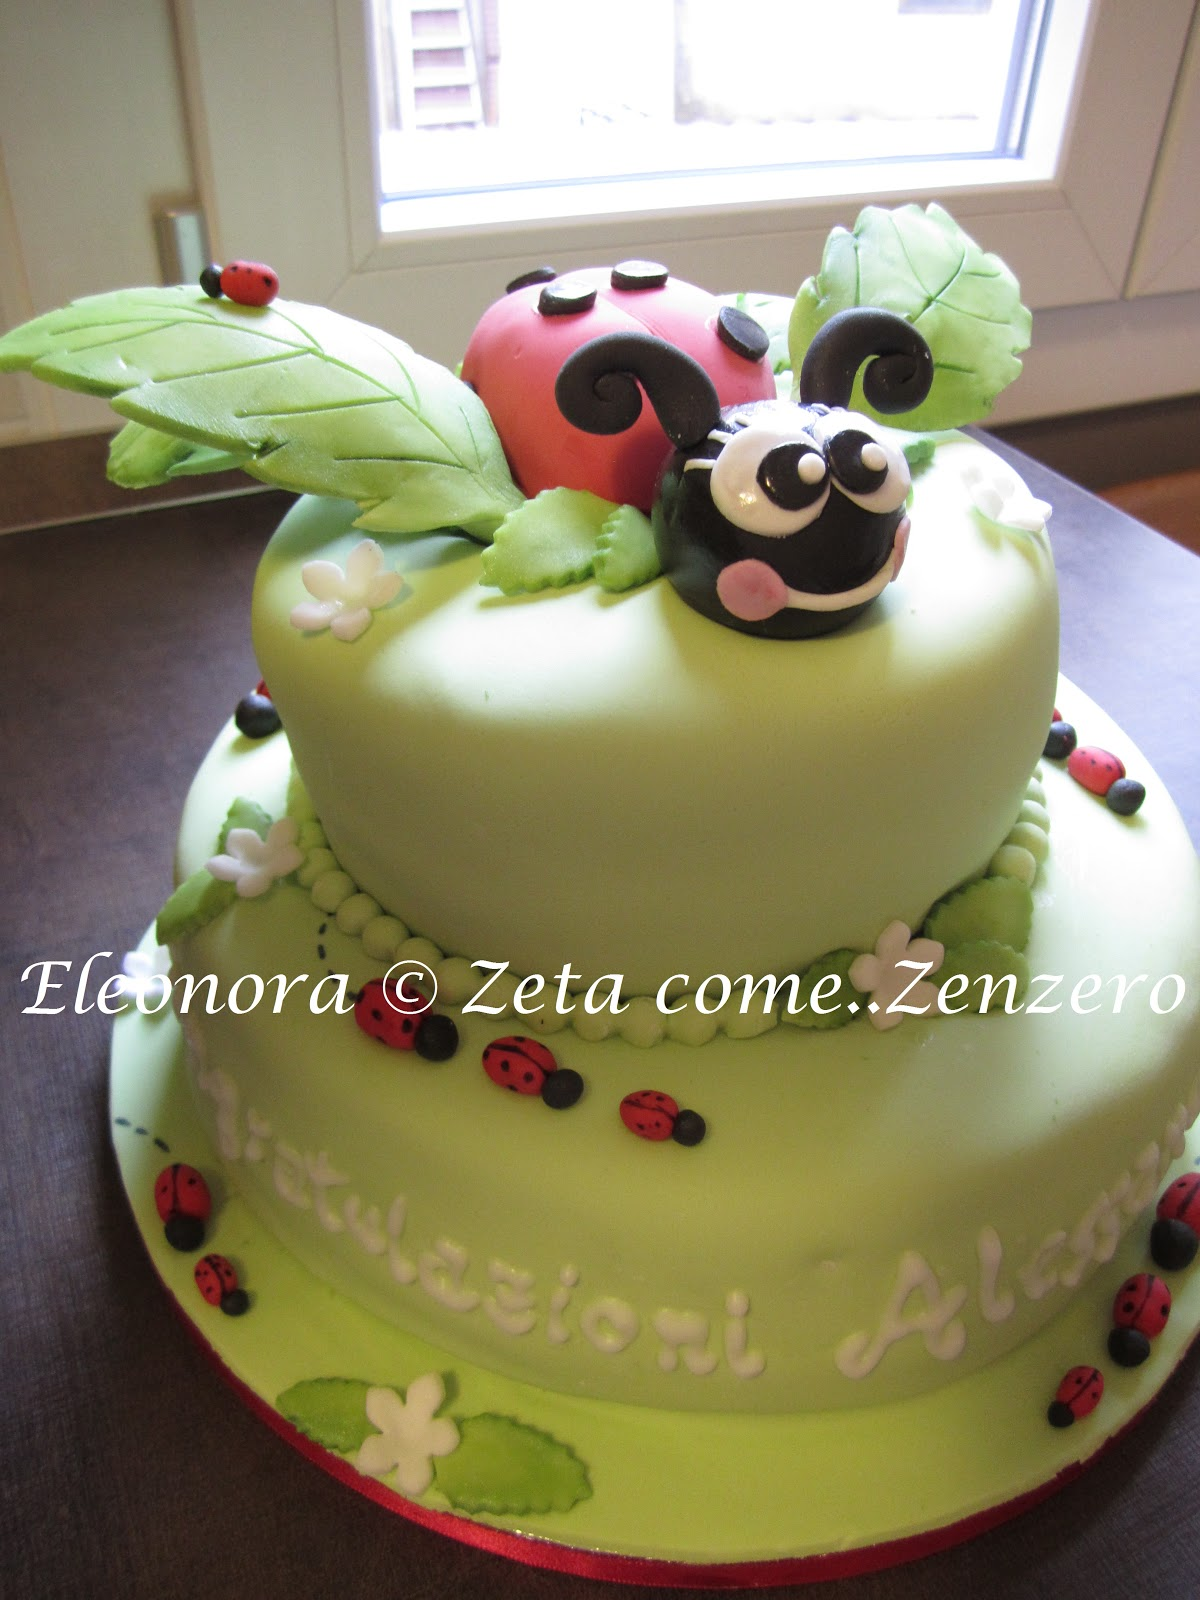 Zeta come zenzero torte decorate di febbraio e la moda for Come leggere i piani del cantiere